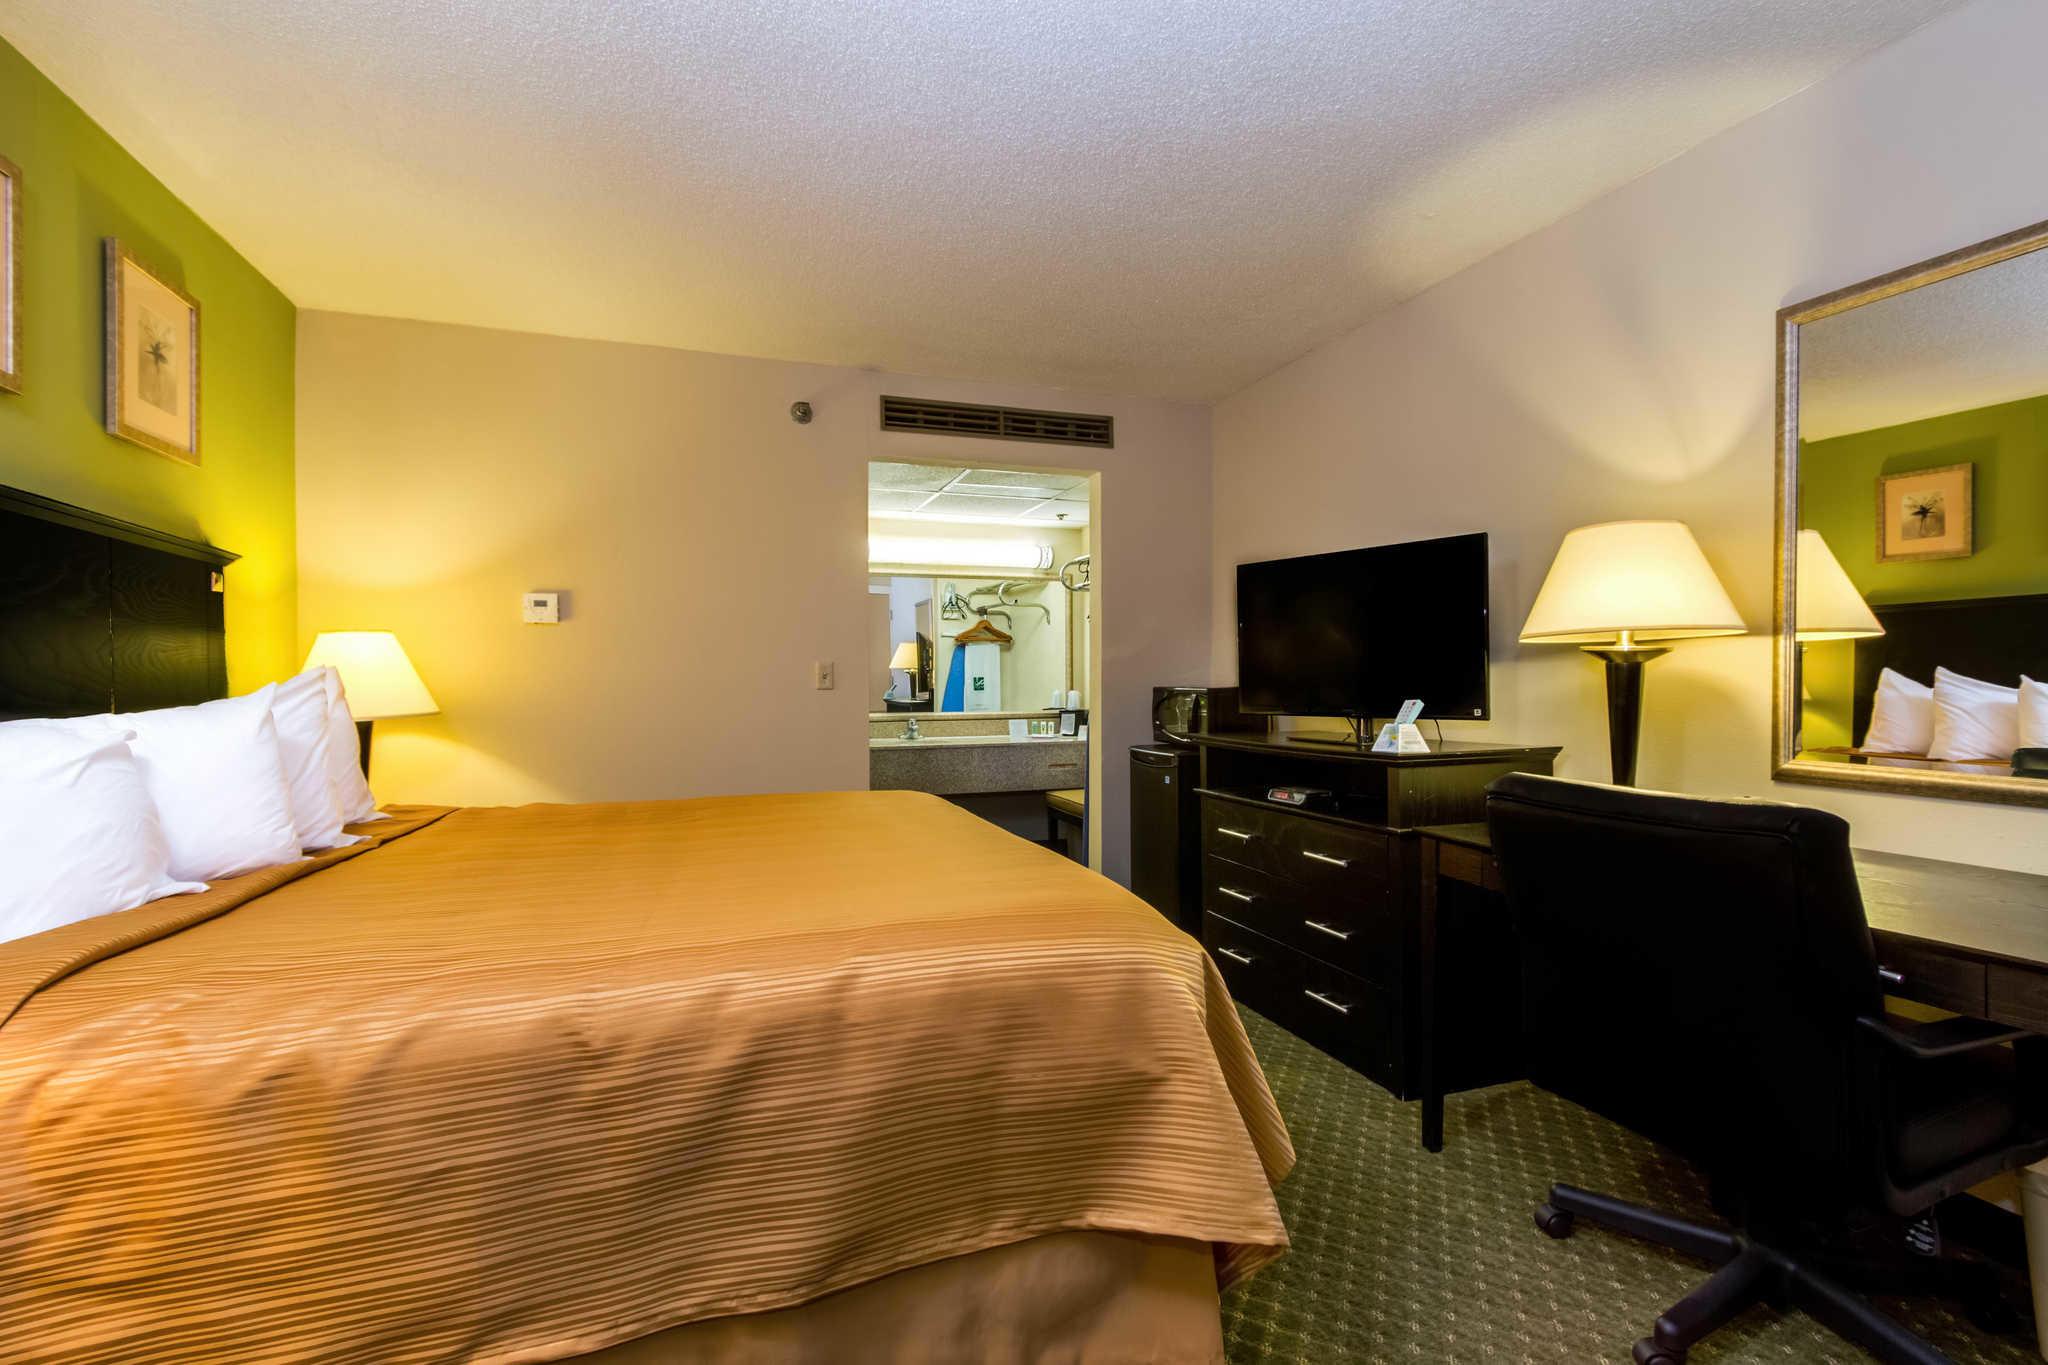 Quality Inn & Suites Moline - Quad Cities image 12